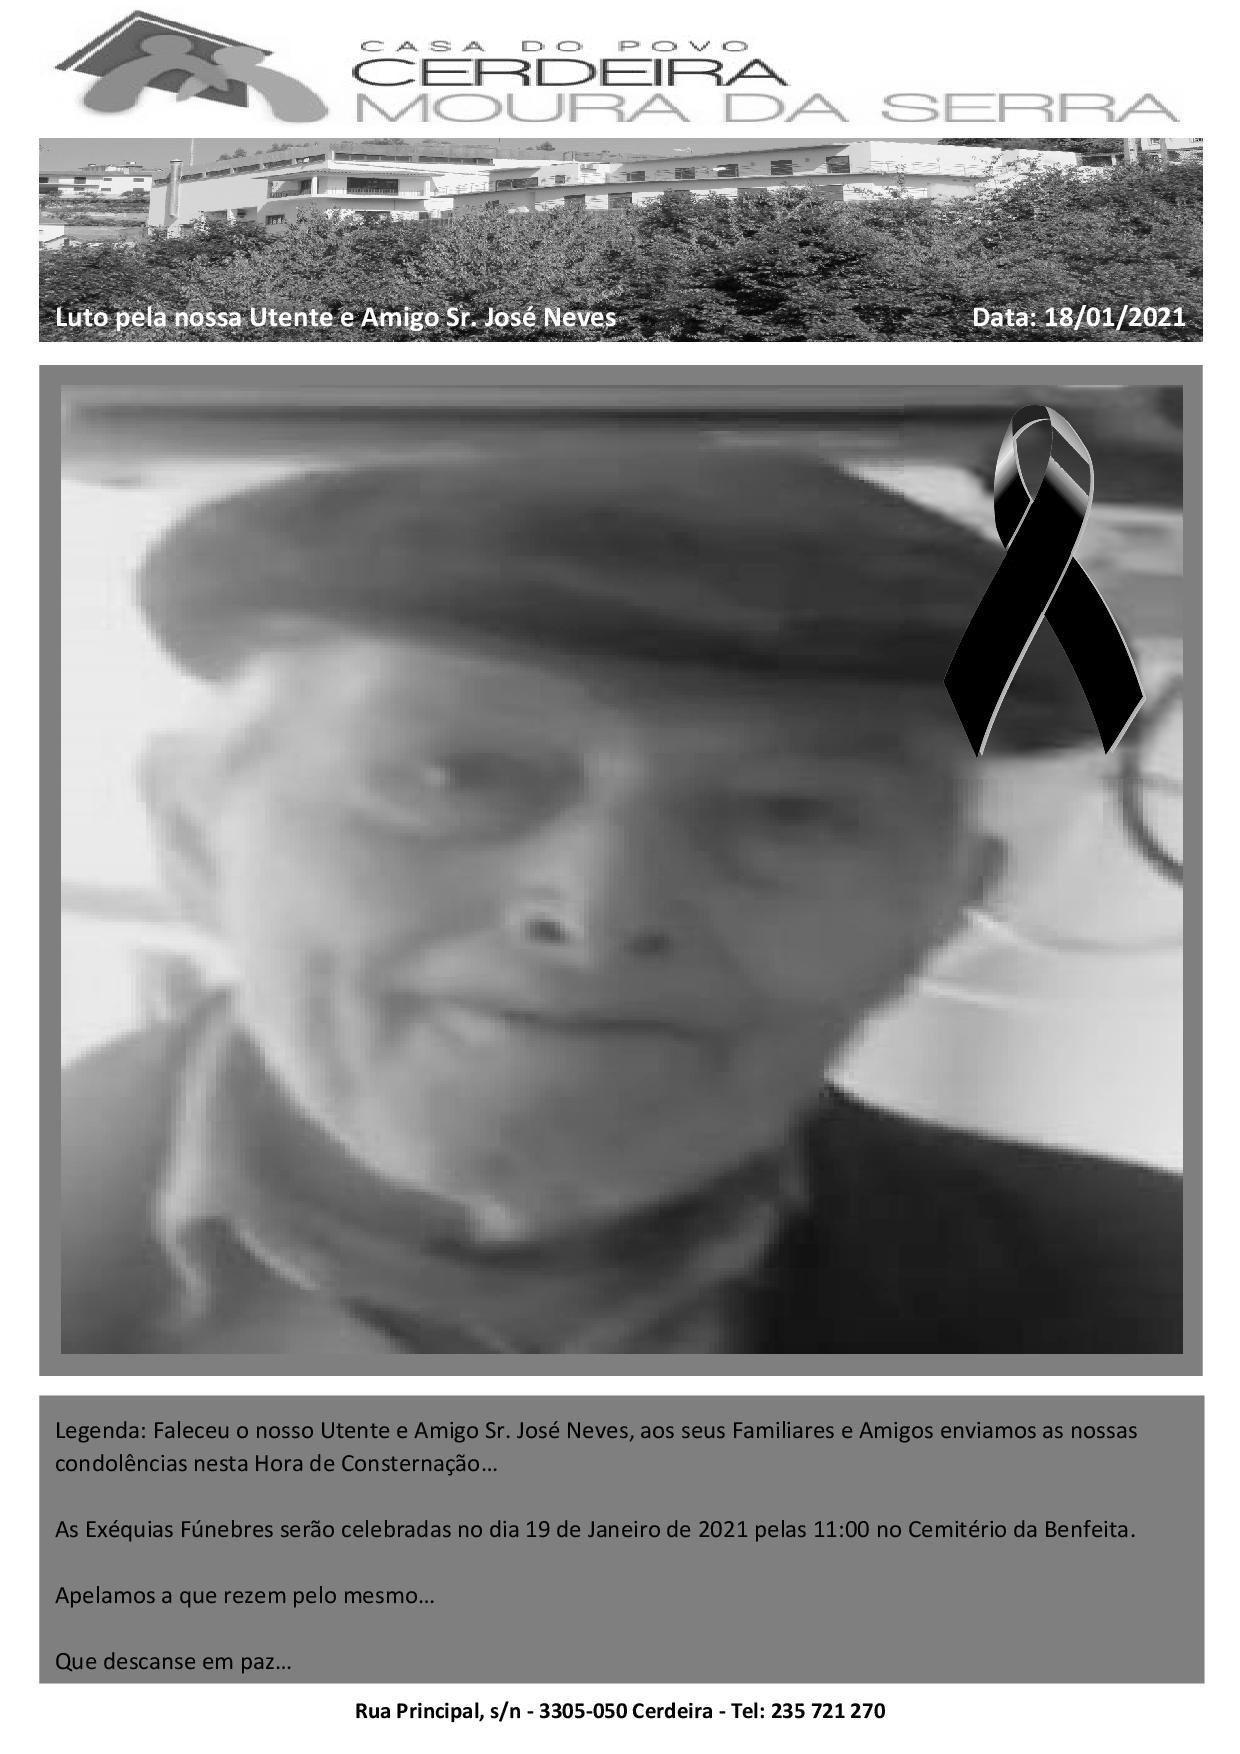 Faleceu o nosso Utente e Amigo Sr. José Neves